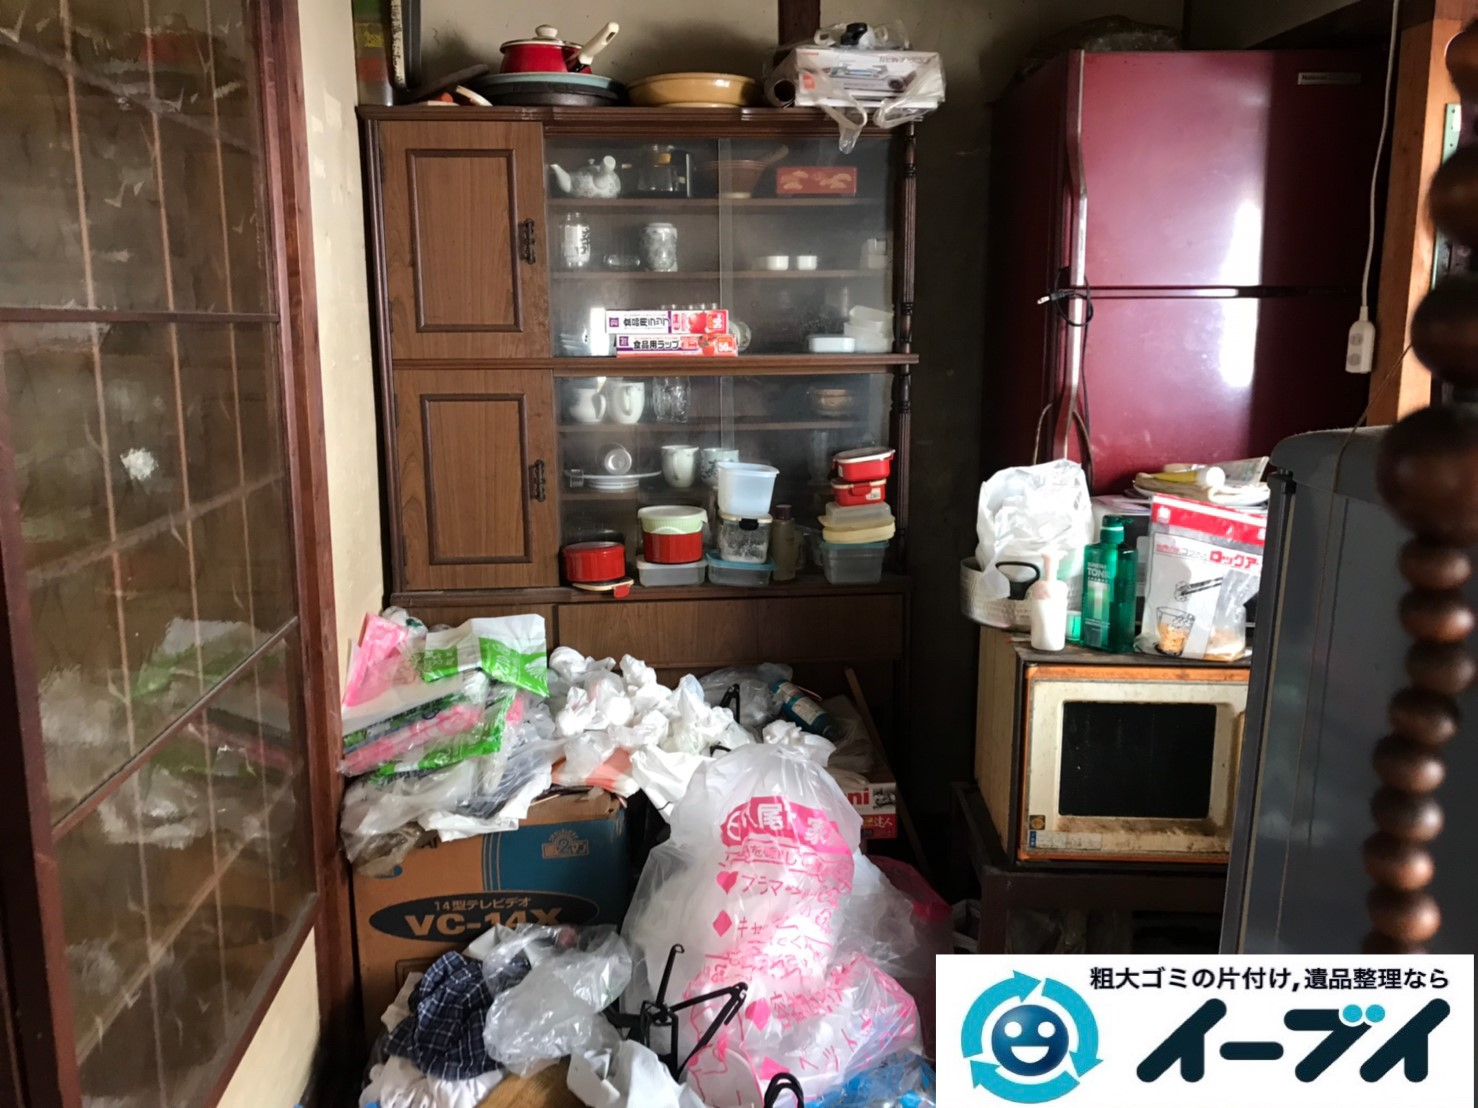 2019年11月27日大阪府堺市堺区でゴミ屋敷化した汚部屋の片付け作業。写真3